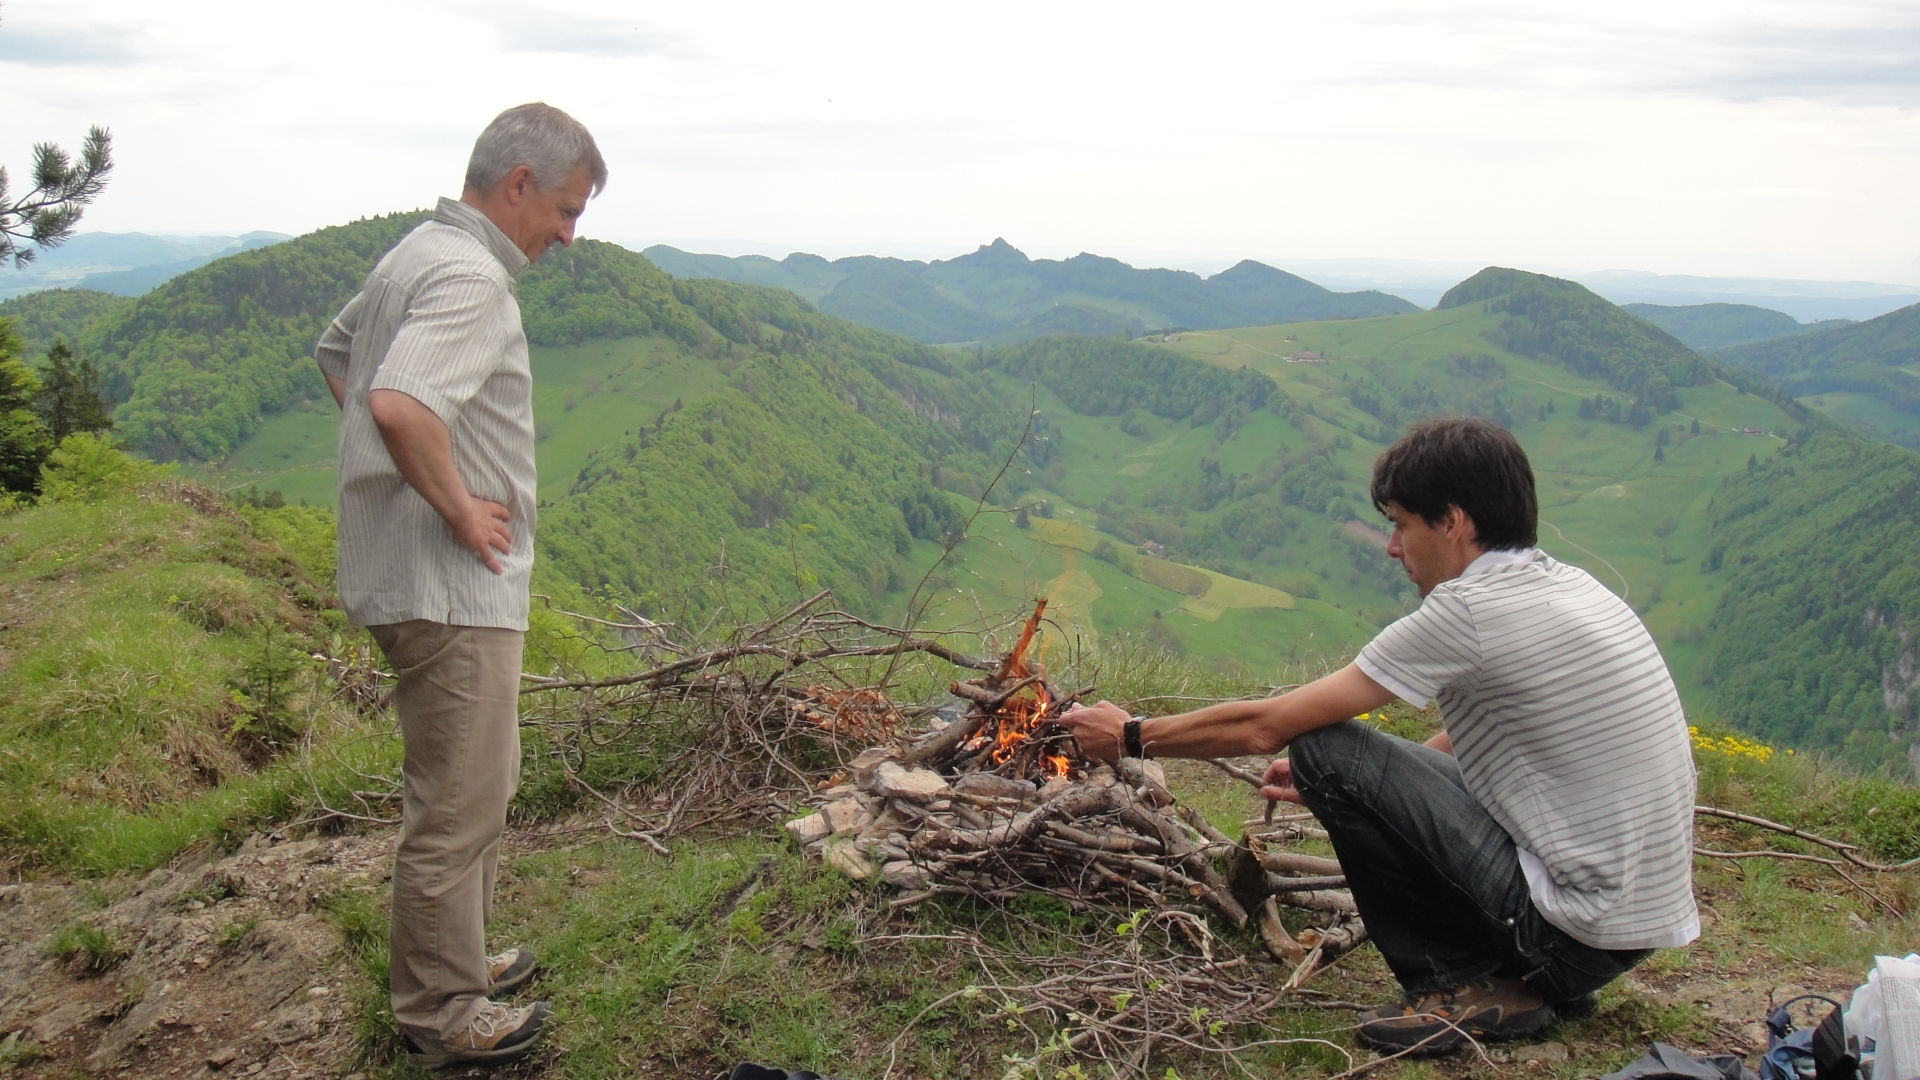 IFS-Wanderung über den Passwang: Markus Peter und José Diaz Tabernero gönnen sich einen leckeren Chlöpfer